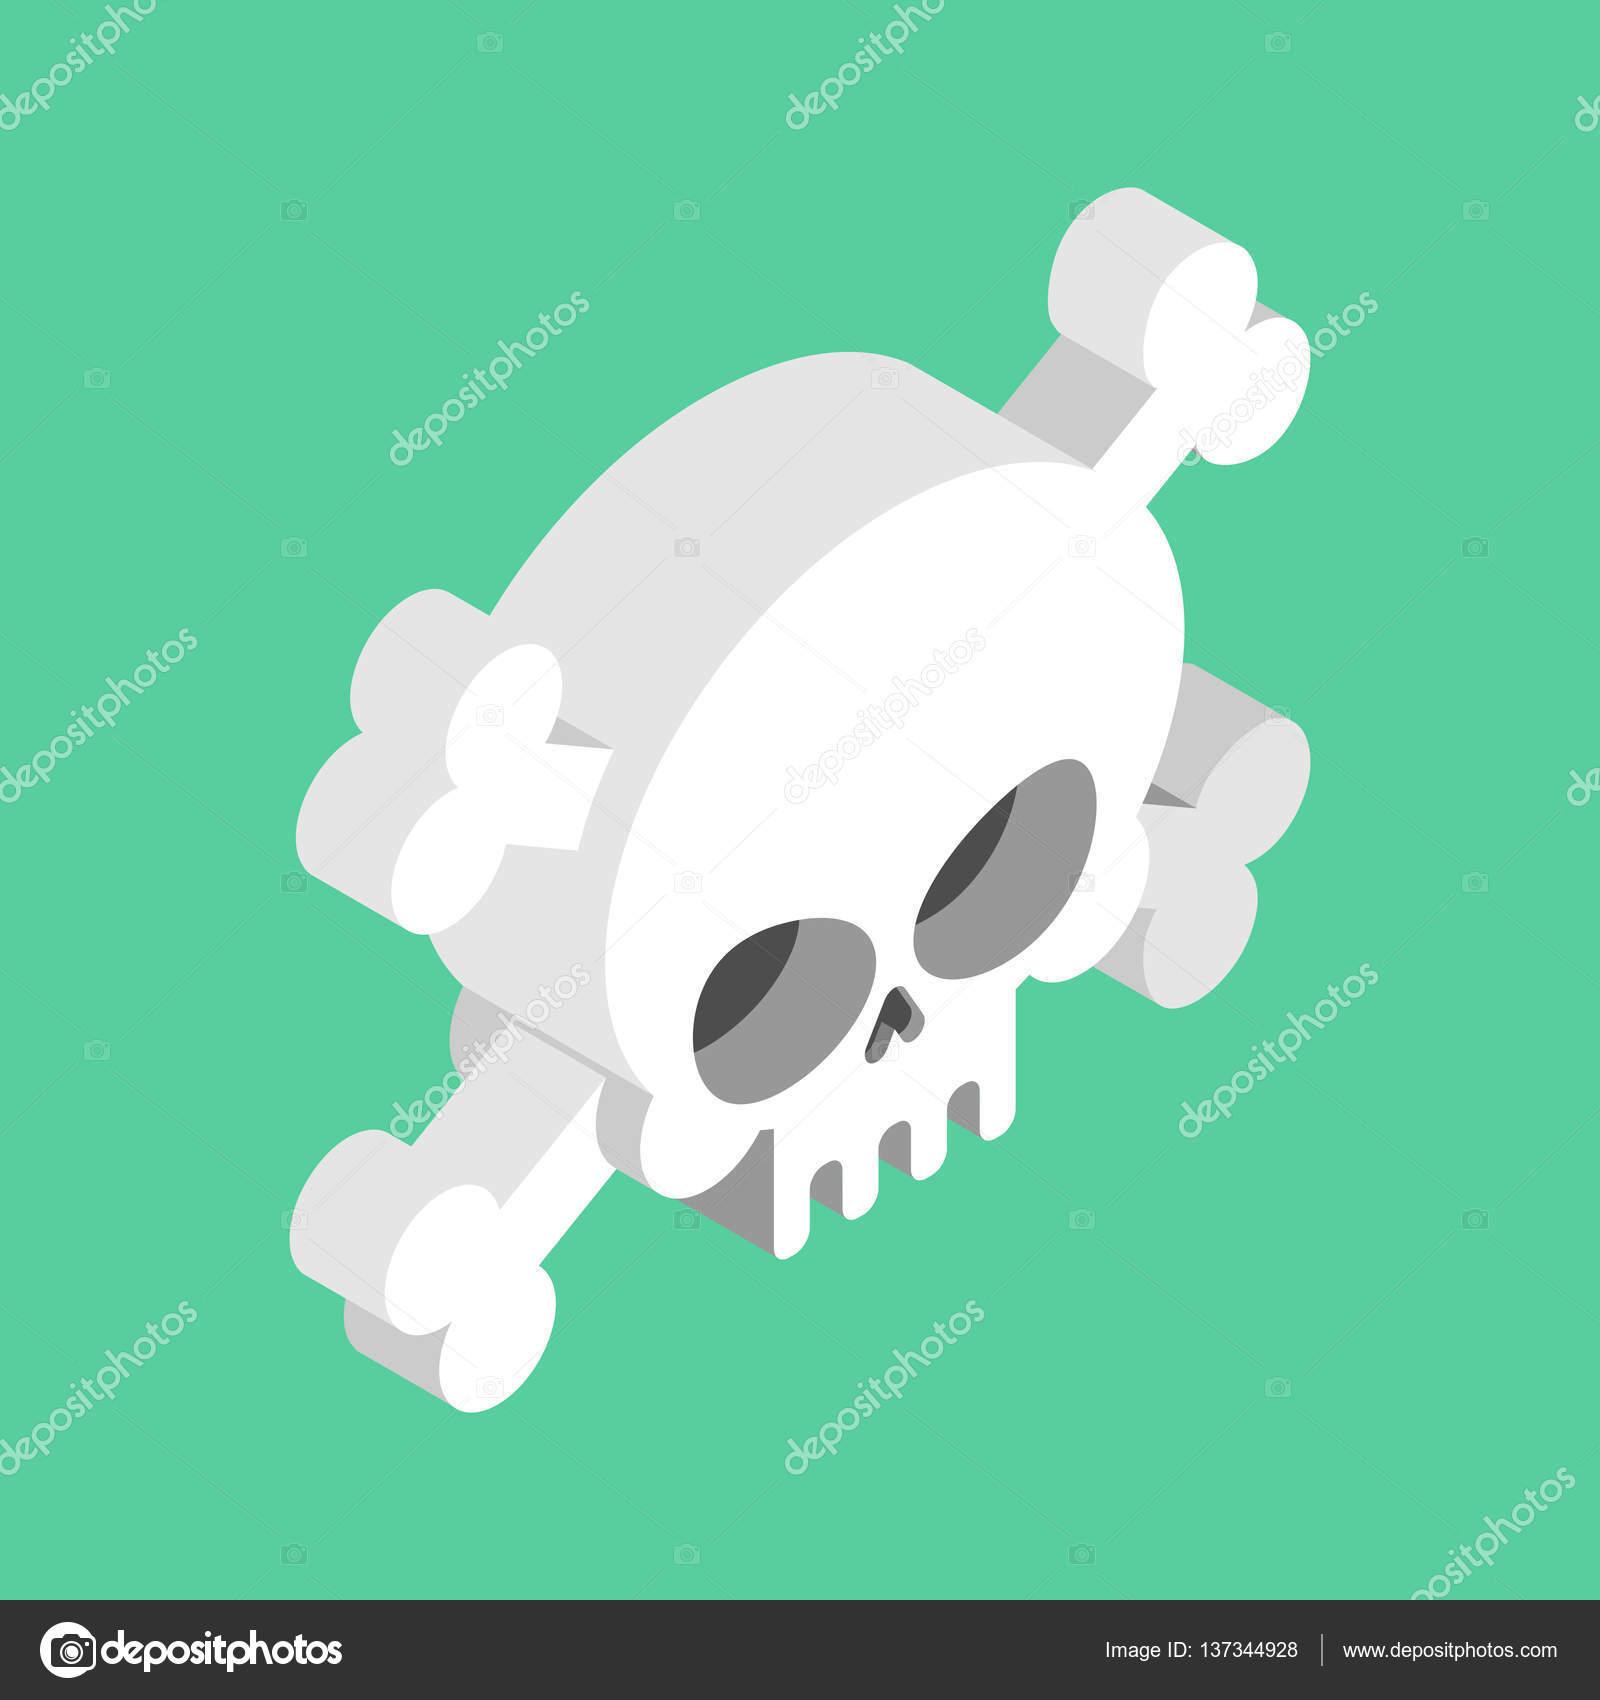 follar y ser esqueleto